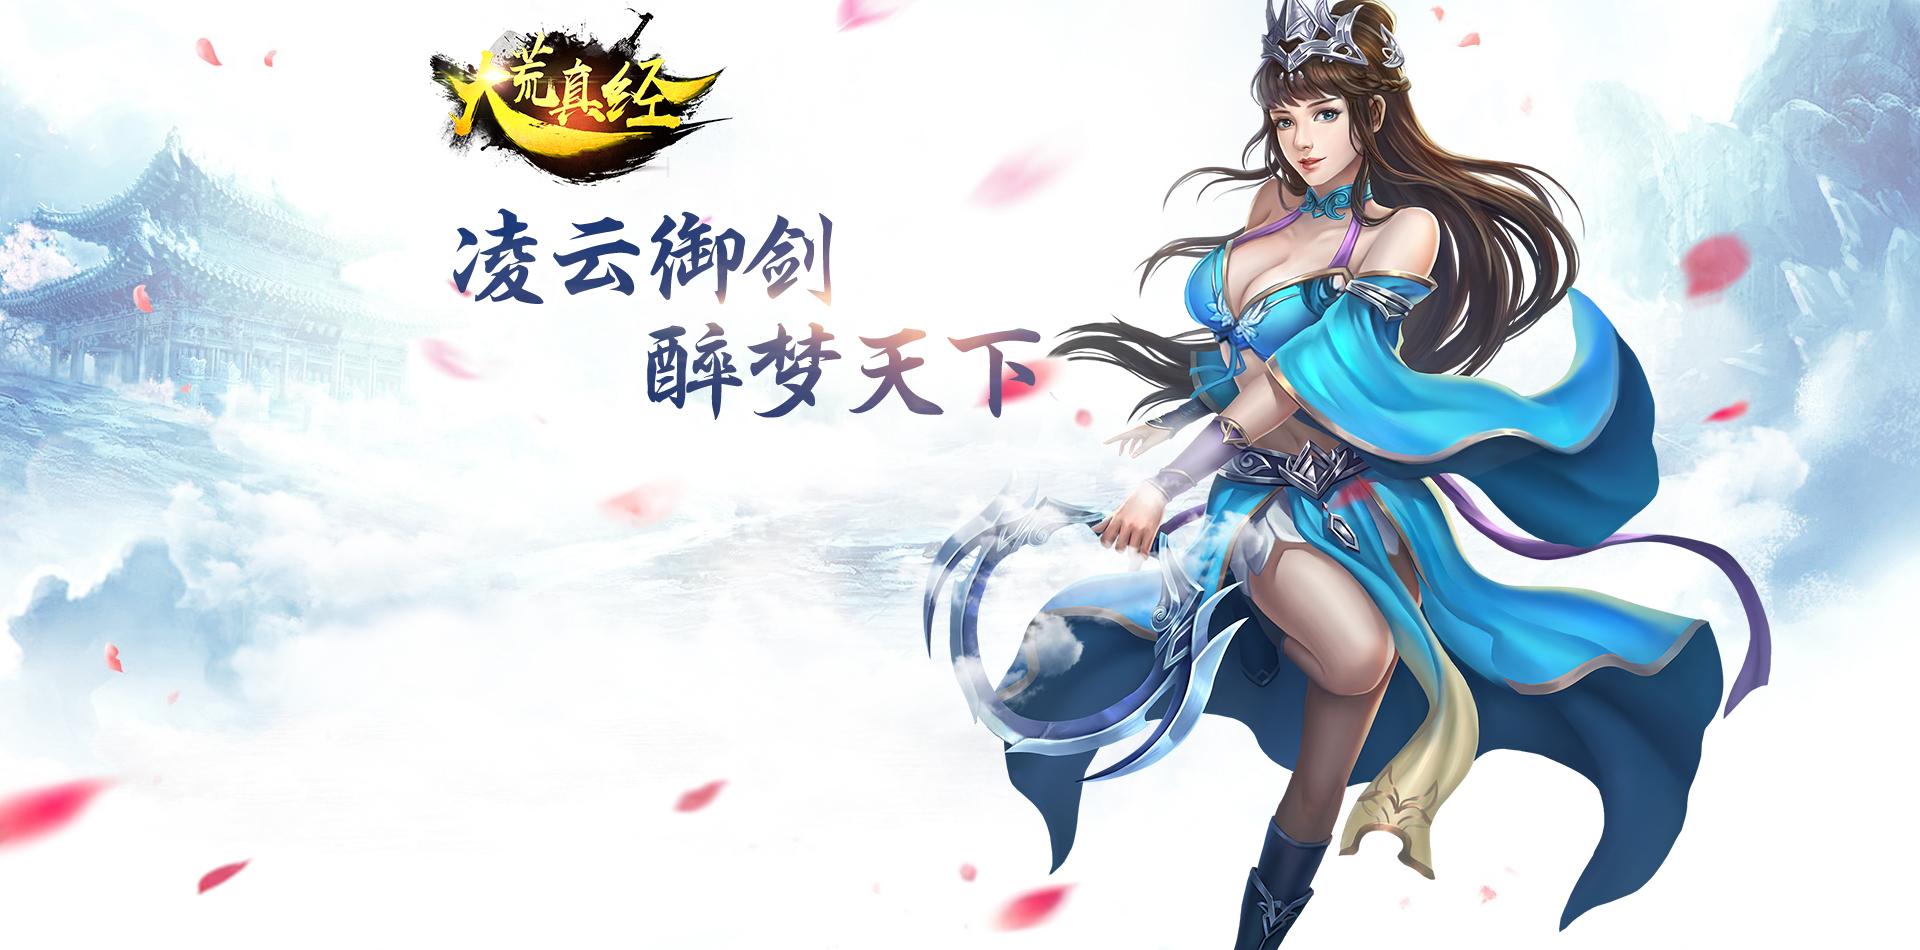 pc端游戏大图_1920x950.jpg